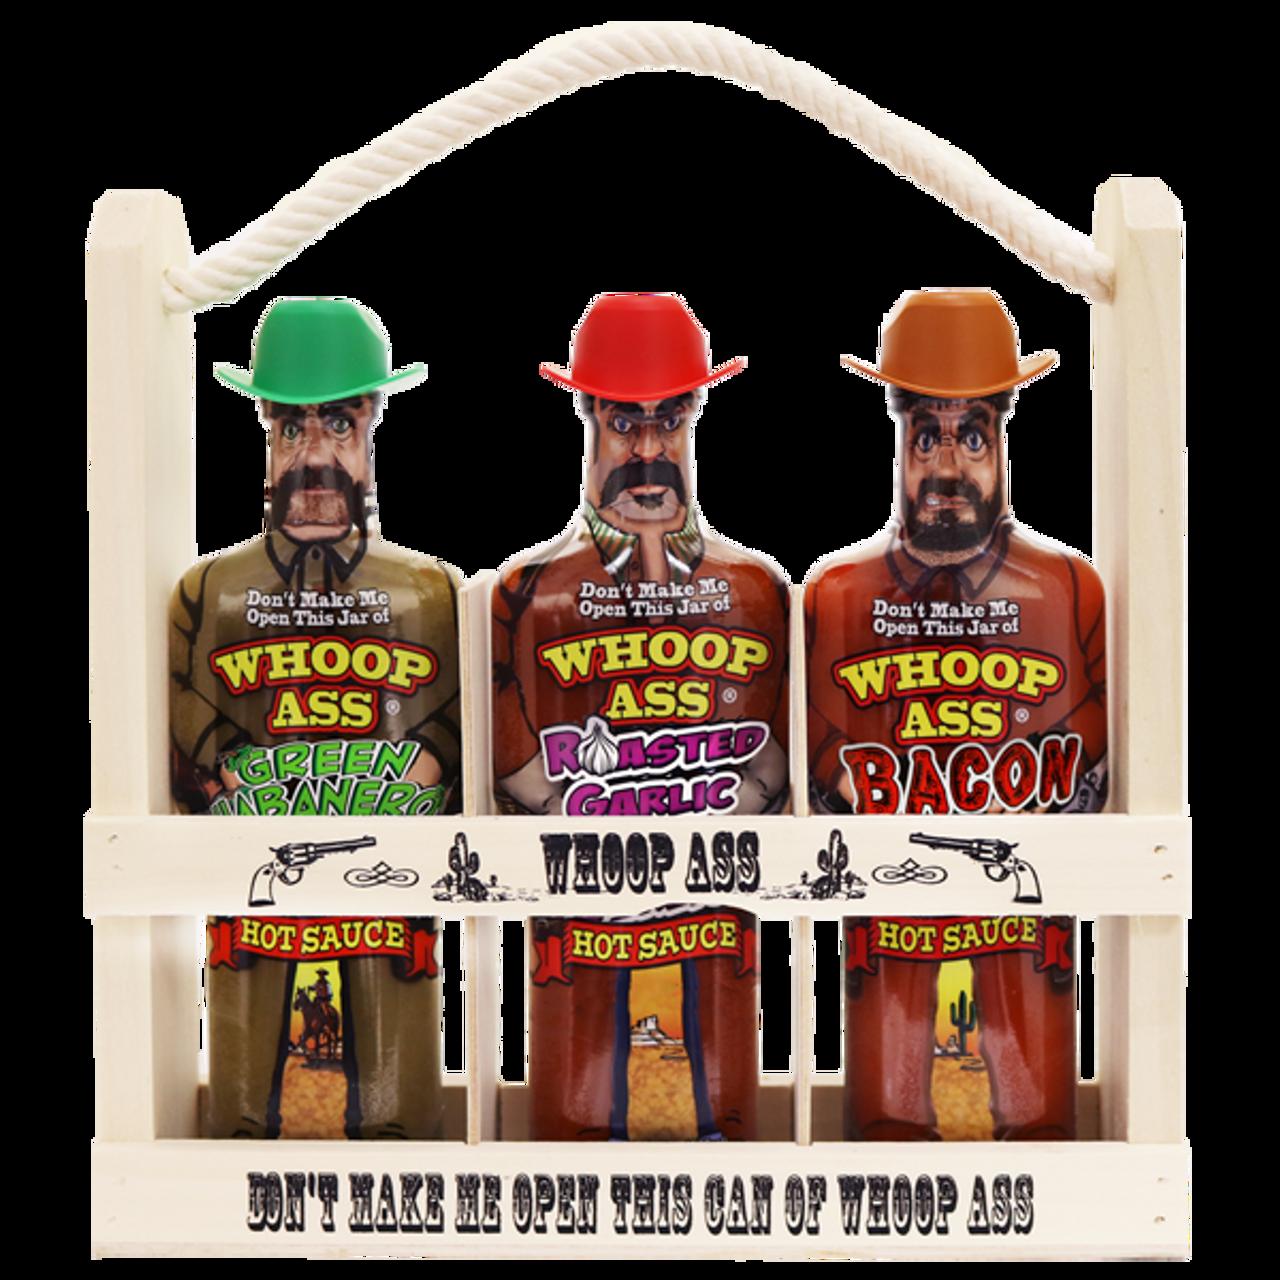 Whoop Ass Hot Sauce Wooden Crate Gift Set